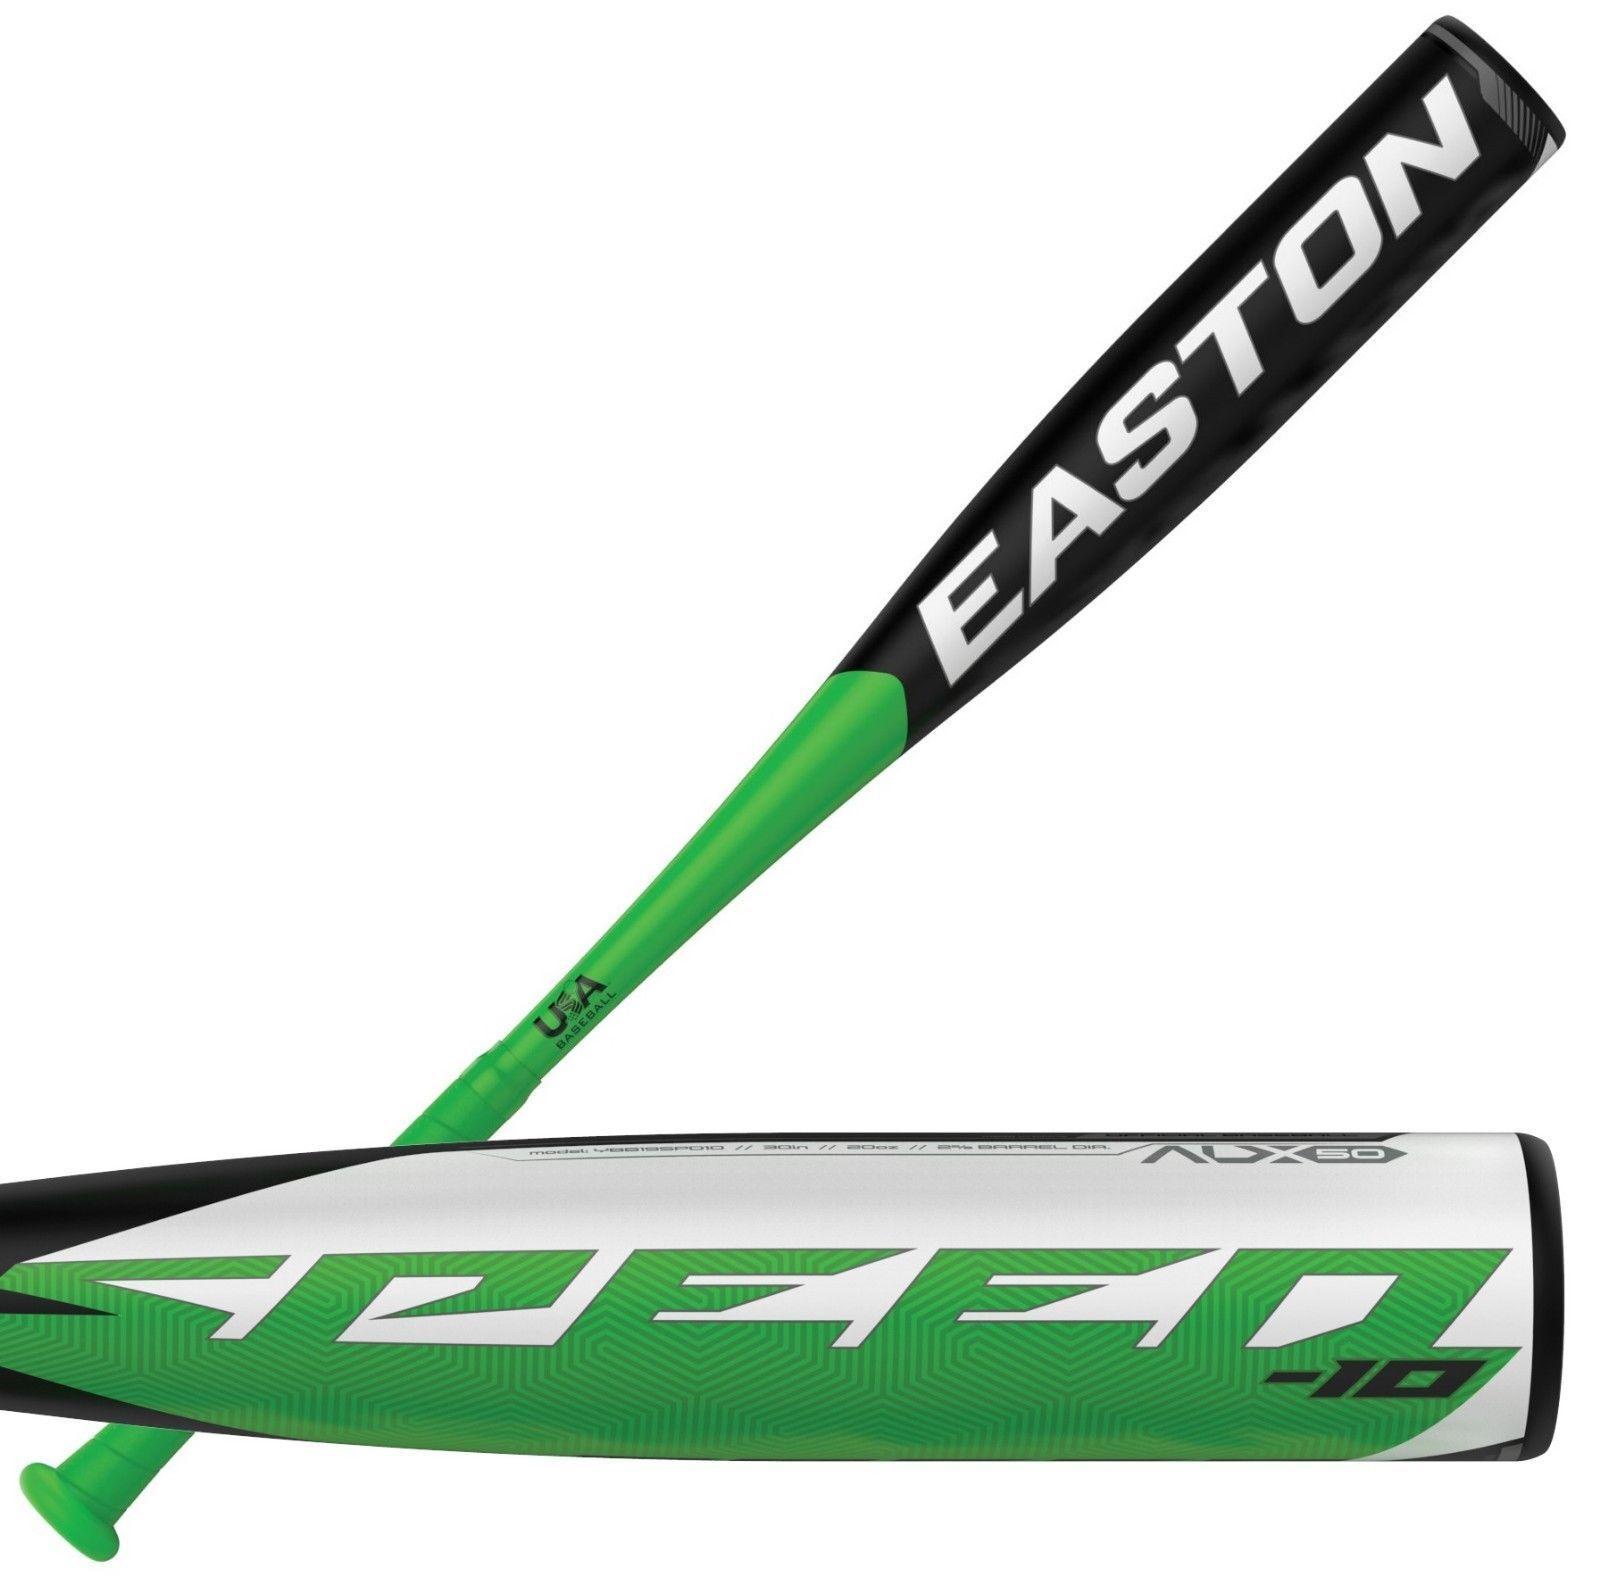 2019 velocidad de Easton -10 29  19oz EE. UU. bate de béisbol YBB19SPD10 de la Juventud.